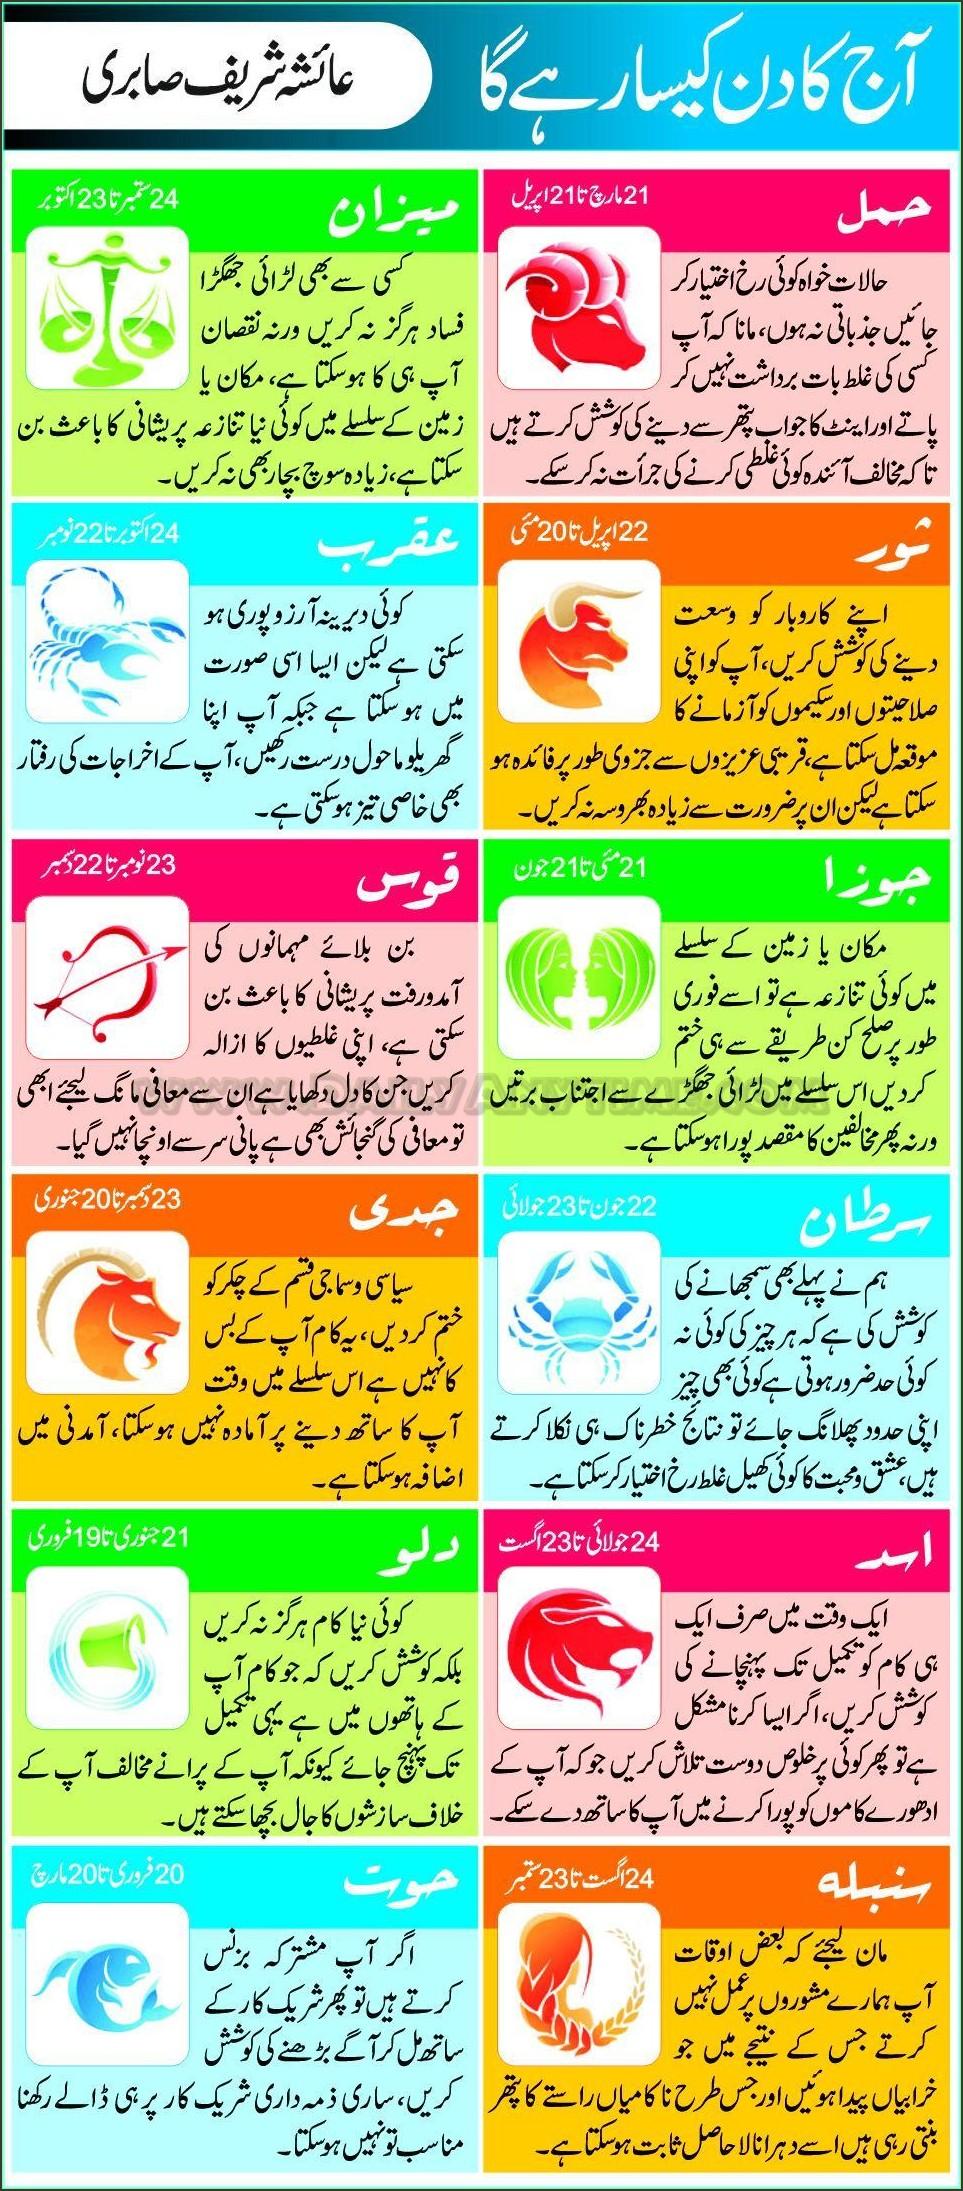 Complete Urdu Hub Horoscope Today Weekly Monthly Yearly Horoscope in Urdu Personalities in Urdu